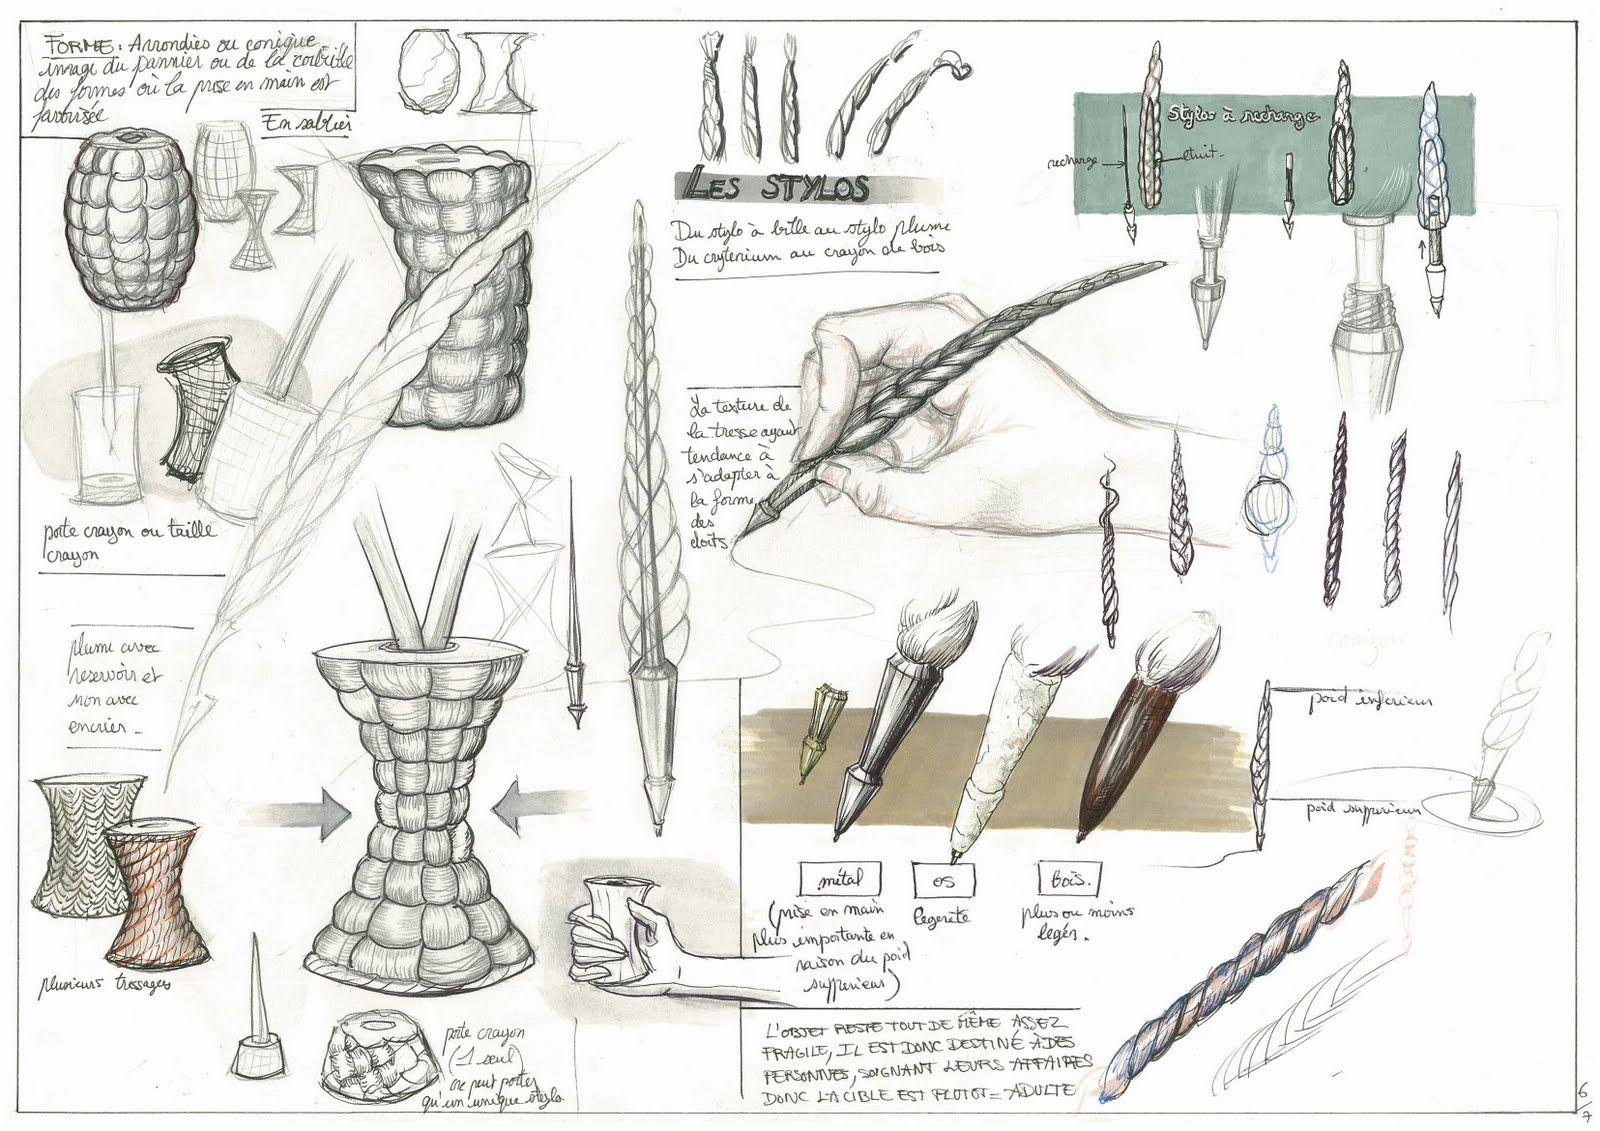 Lisa Ingrassia Book Petits Objets De Bureau Recherche Appliquee Croquis De Produit Portfolio Design Industriel Page Planche